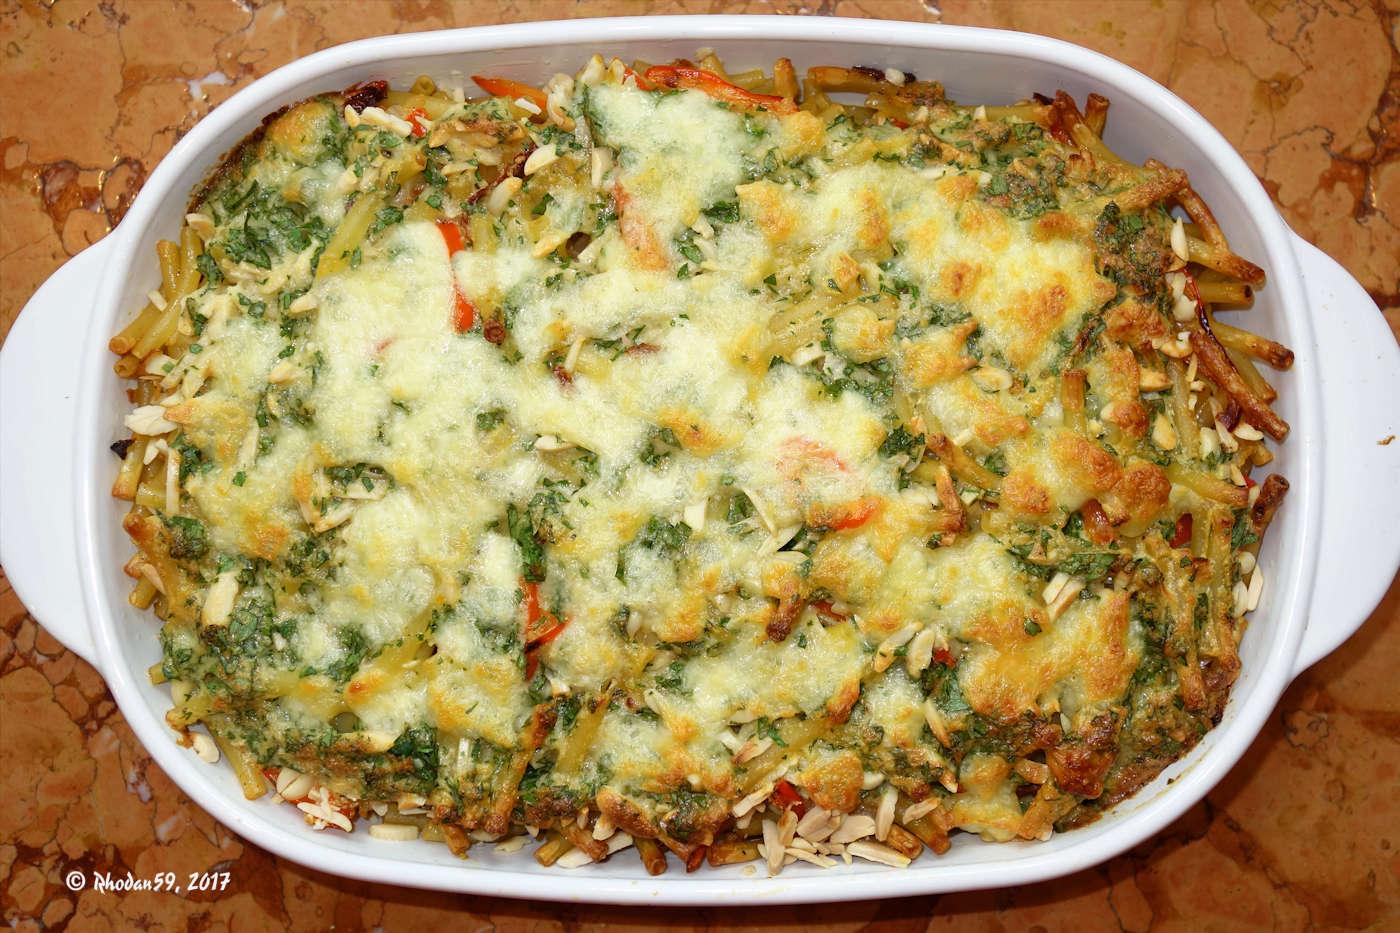 der fertige Nudelauflauf mit Paprika, Mandeln, Parmesan und Mozzarella